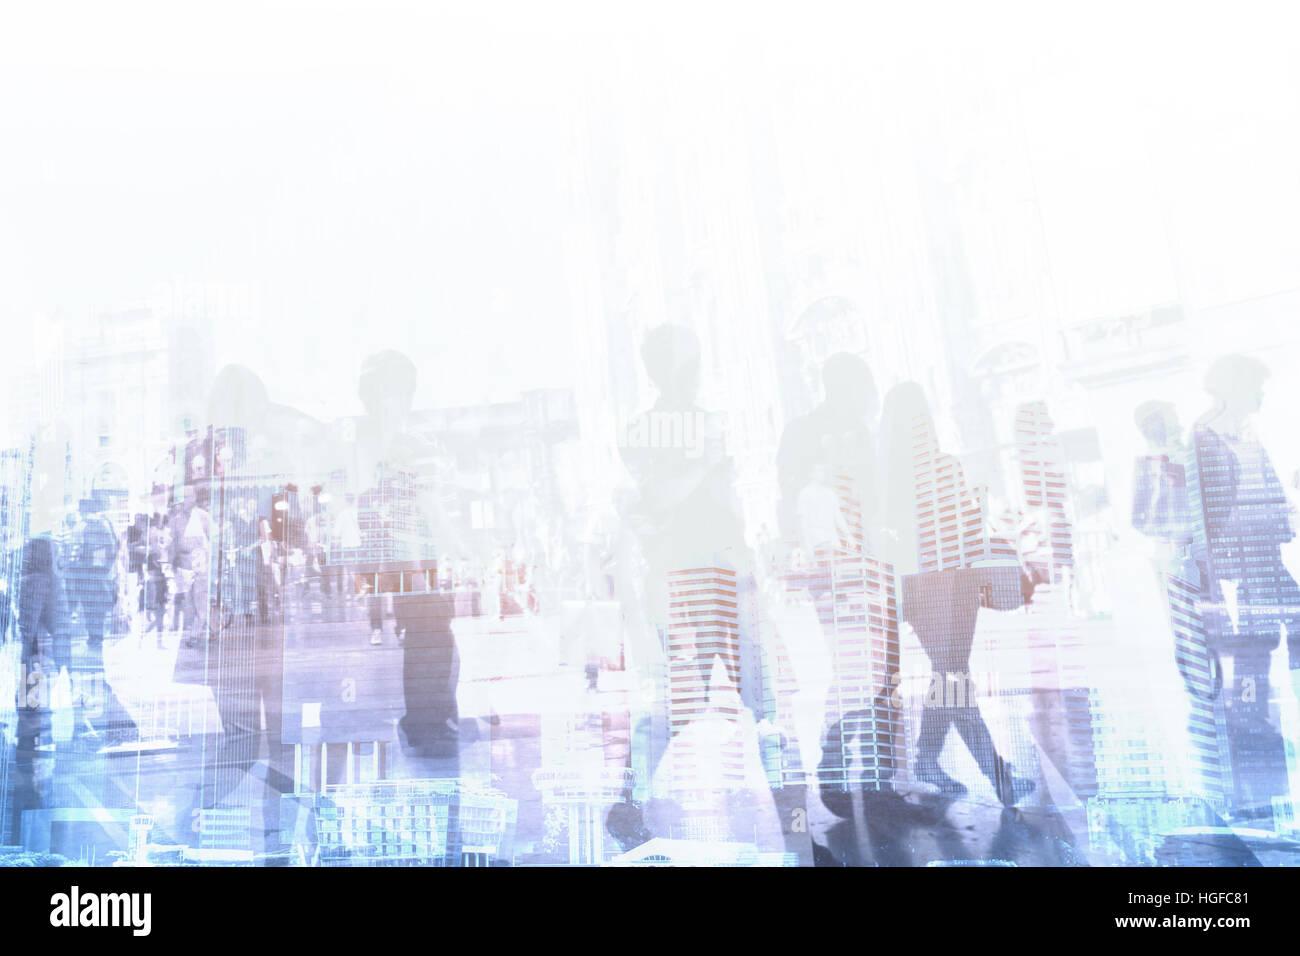 Corporate business company background, astratti Persone camminare vicino a moderni edifici per uffici Immagini Stock